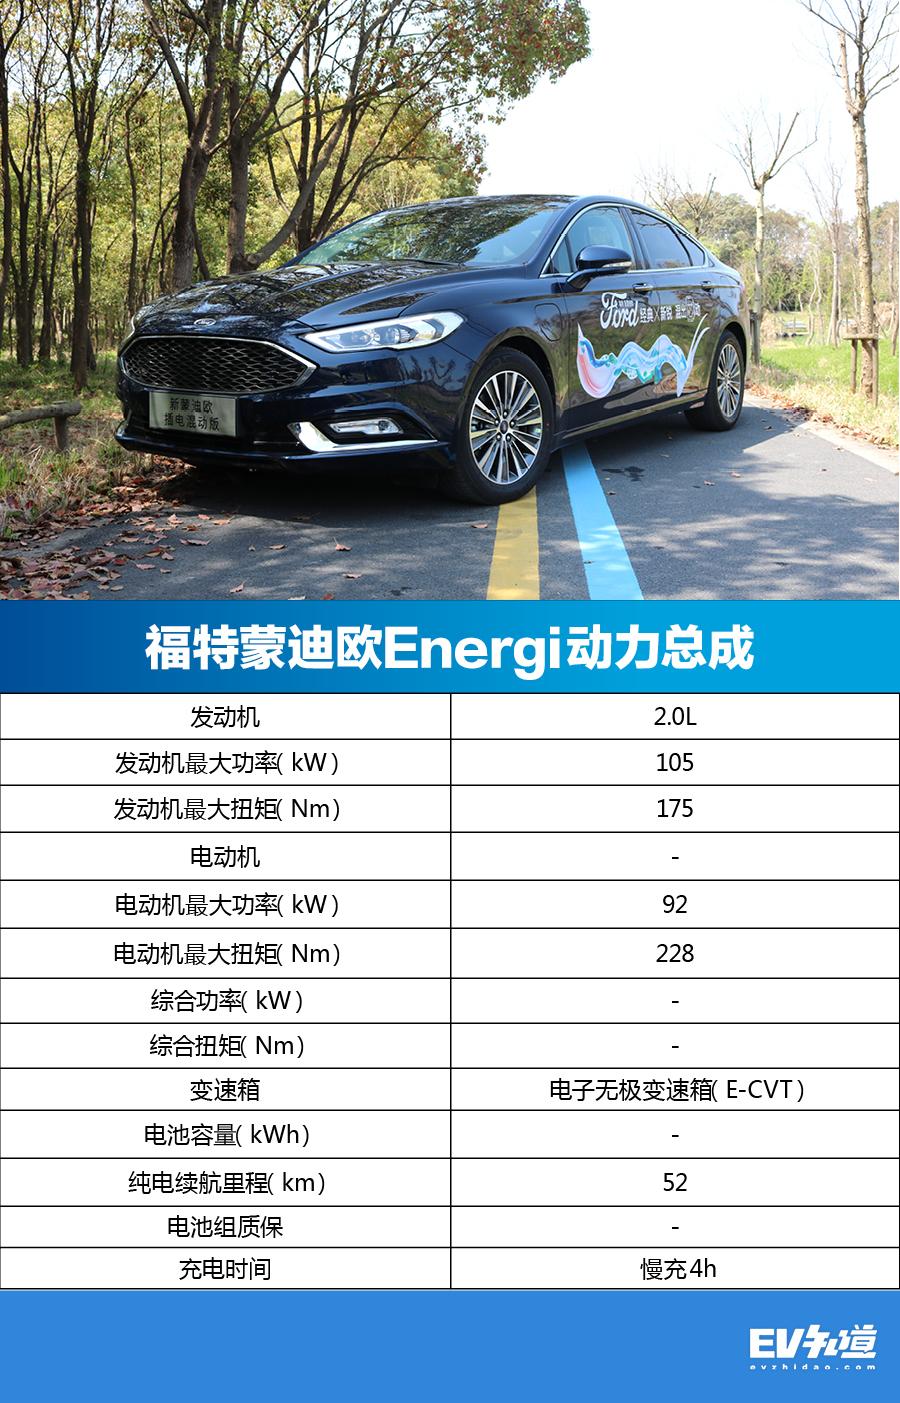 比燃油更省油/比纯电跑的远 上半年插混车型盘点